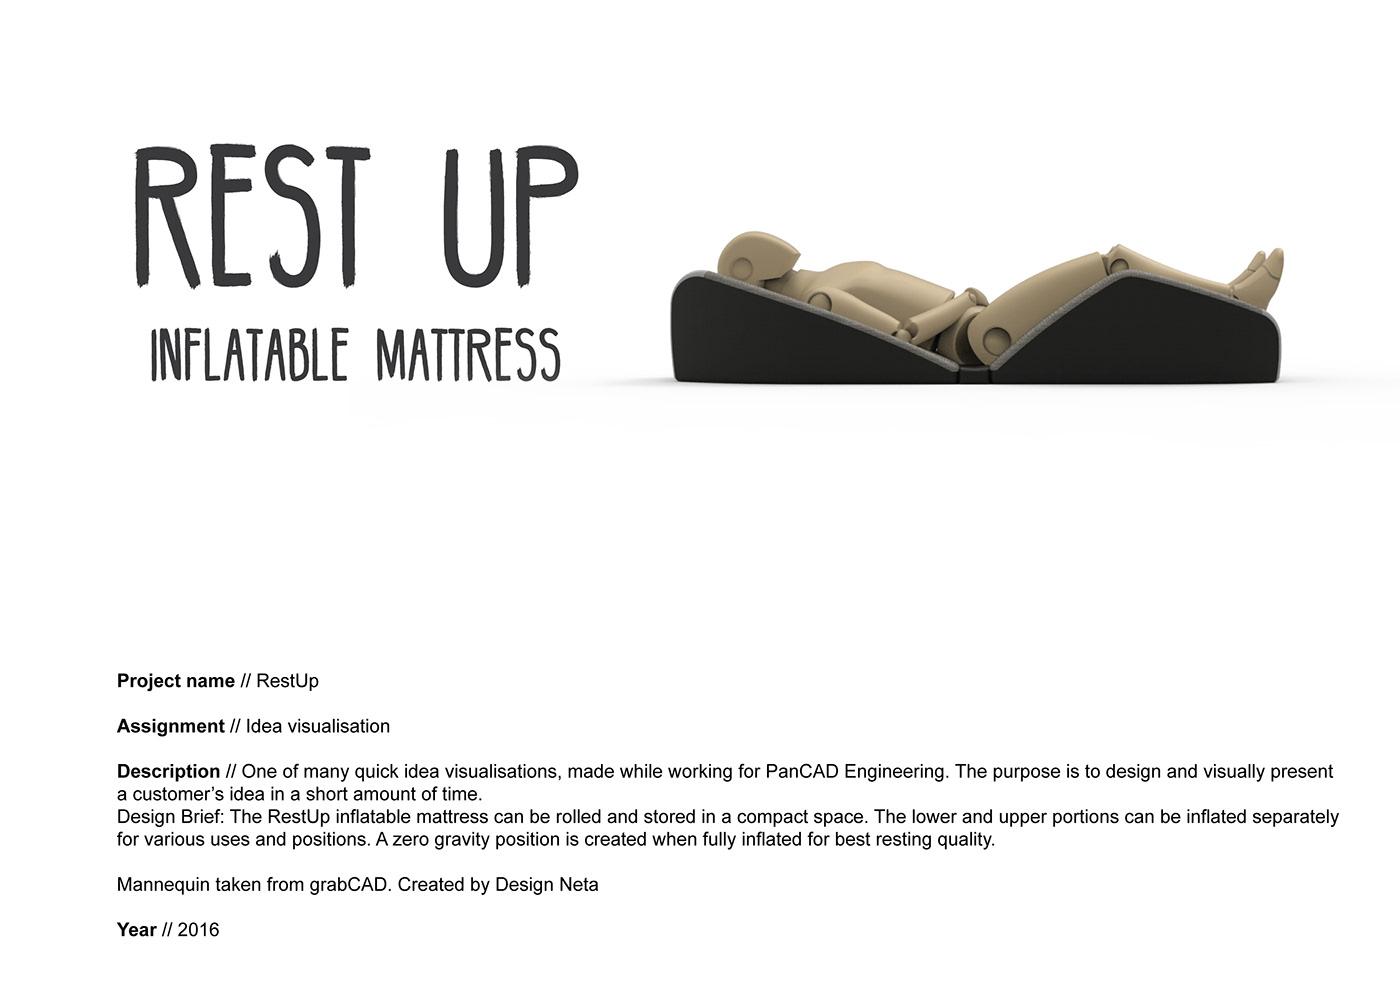 inflatable mattress ergonomic Zero Gravity visualisation